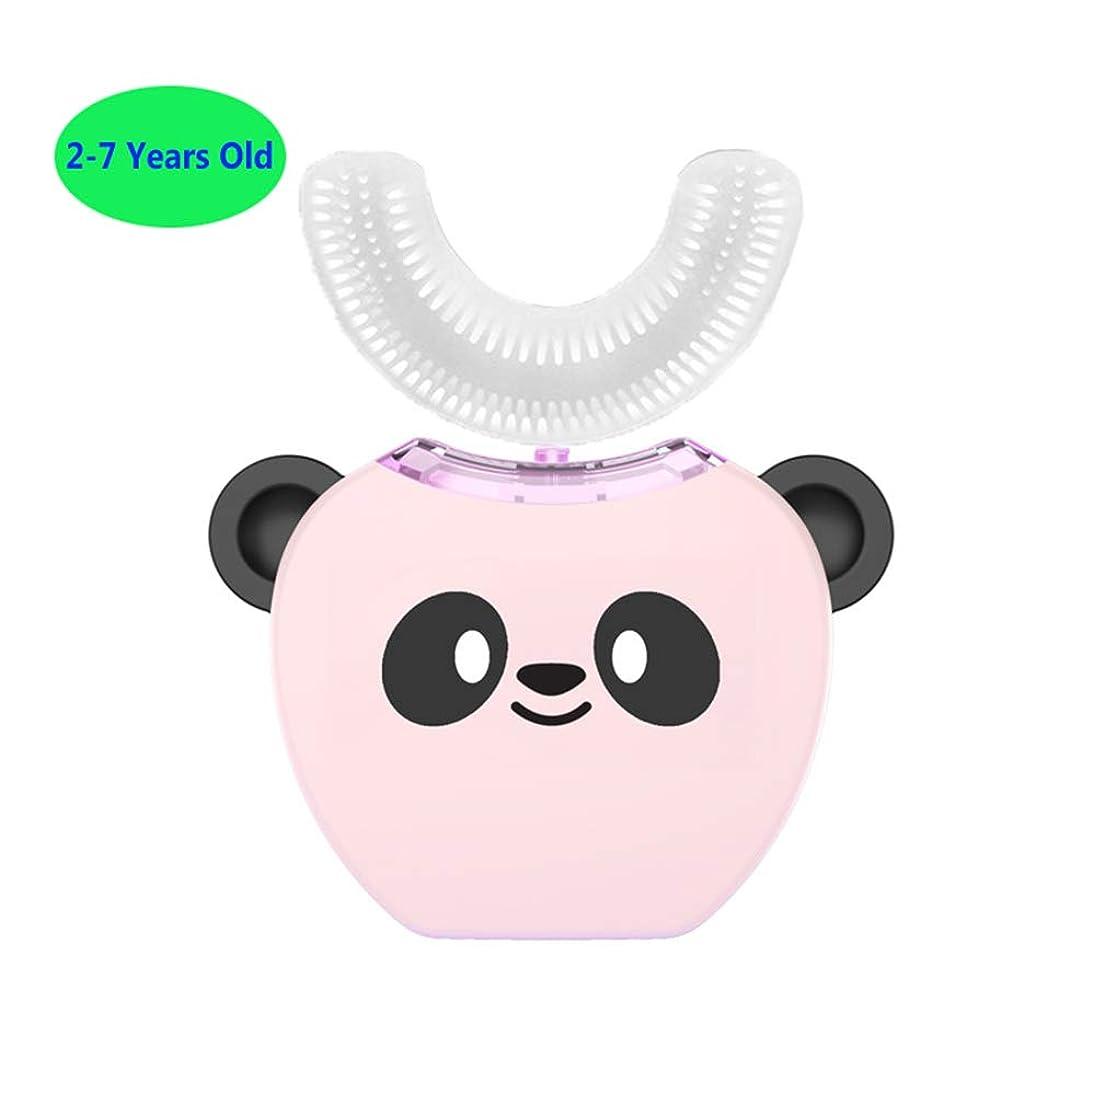 文法チャート包括的子供のためのフルオートの電動歯ブラシ、360°超音波電動歯ブラシ、冷光、美白装置、自動歯ブラシ、ワイヤレス充電ドック,Pink,2/7Years